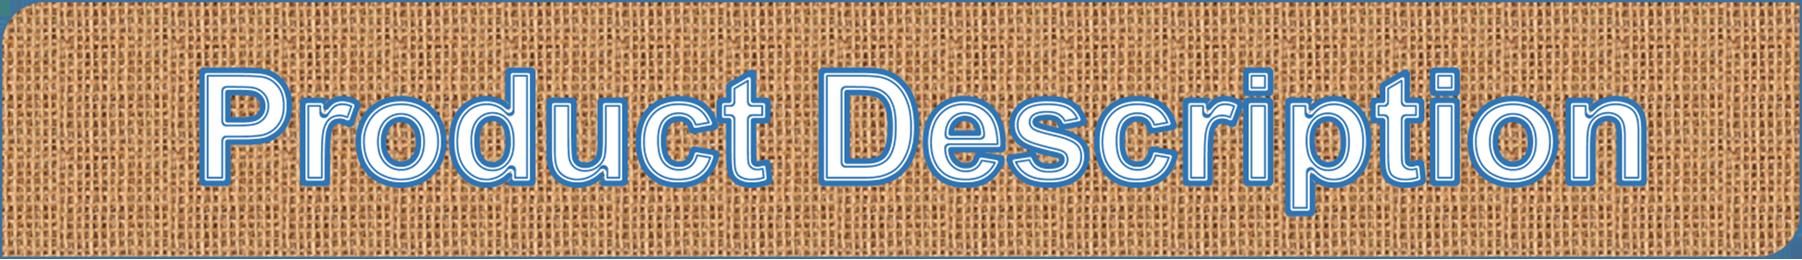 Anti Dirty Tape Adhesive Edges Sticker Diamond Painting Diy Tools Diamond Embroidery Accessory Diatom Mud Art Sketch Tape Aliexpress